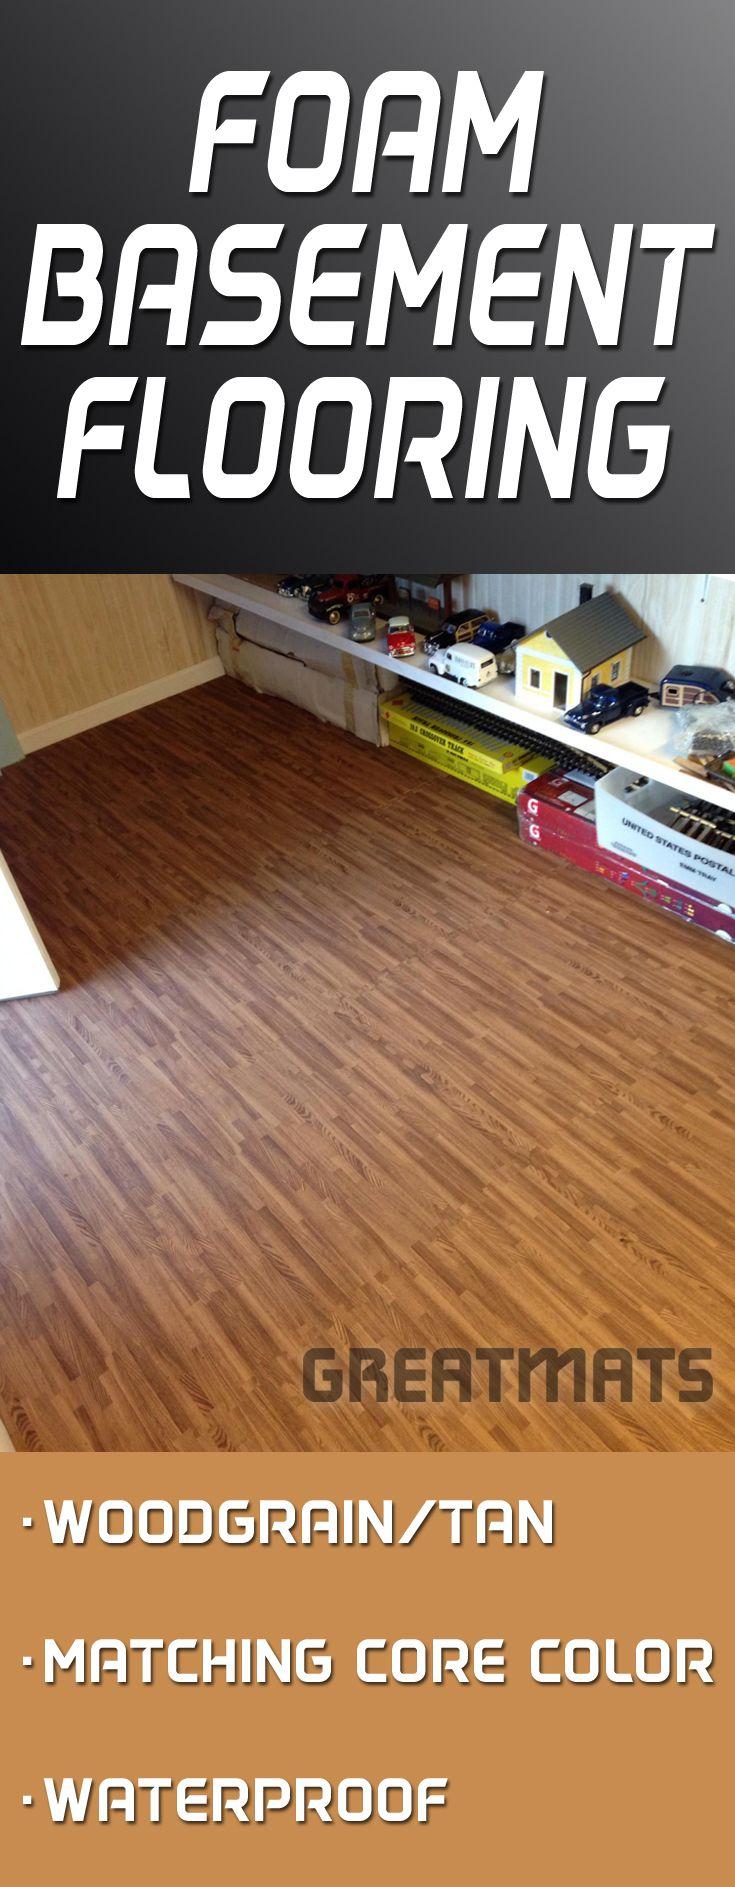 Interlocking Basement Floor Tiles Waterproof